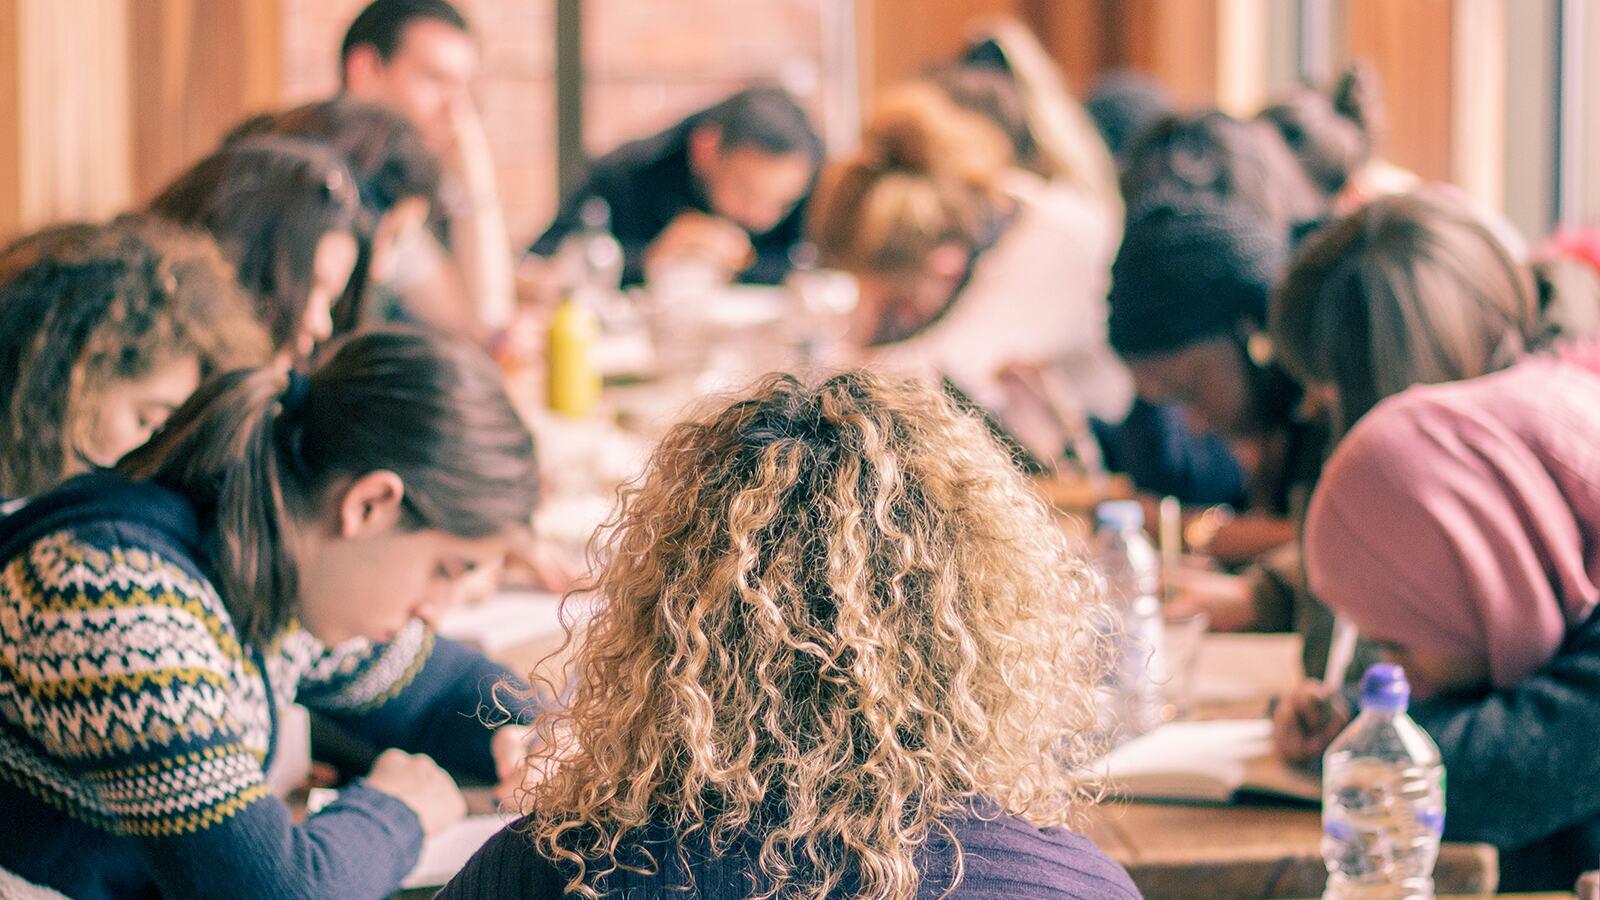 Workshop participants sat at a table